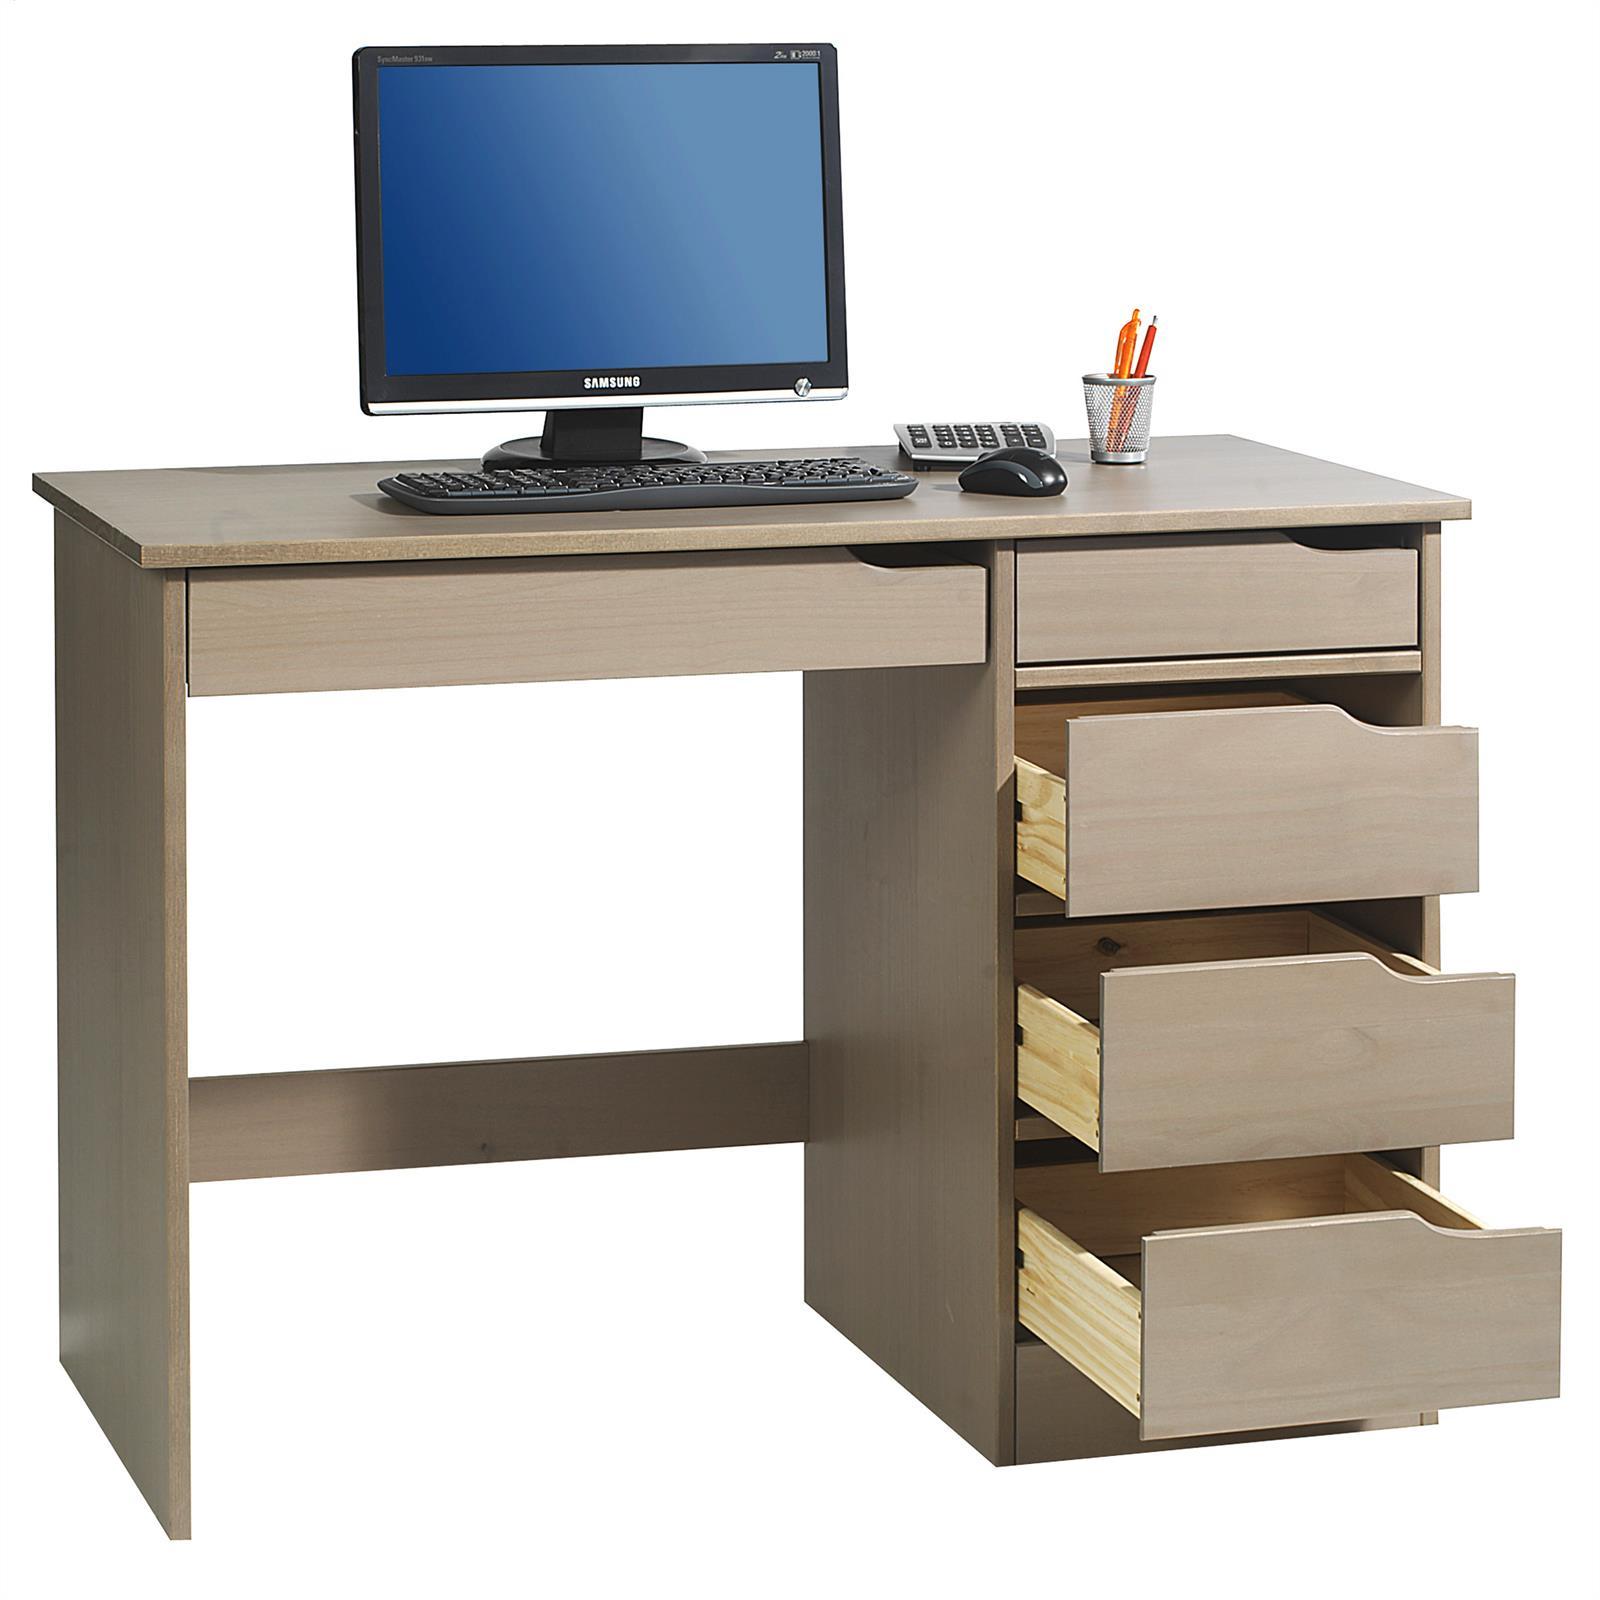 schreibtisch hugo in kiefer massiv taupe mobilia24. Black Bedroom Furniture Sets. Home Design Ideas